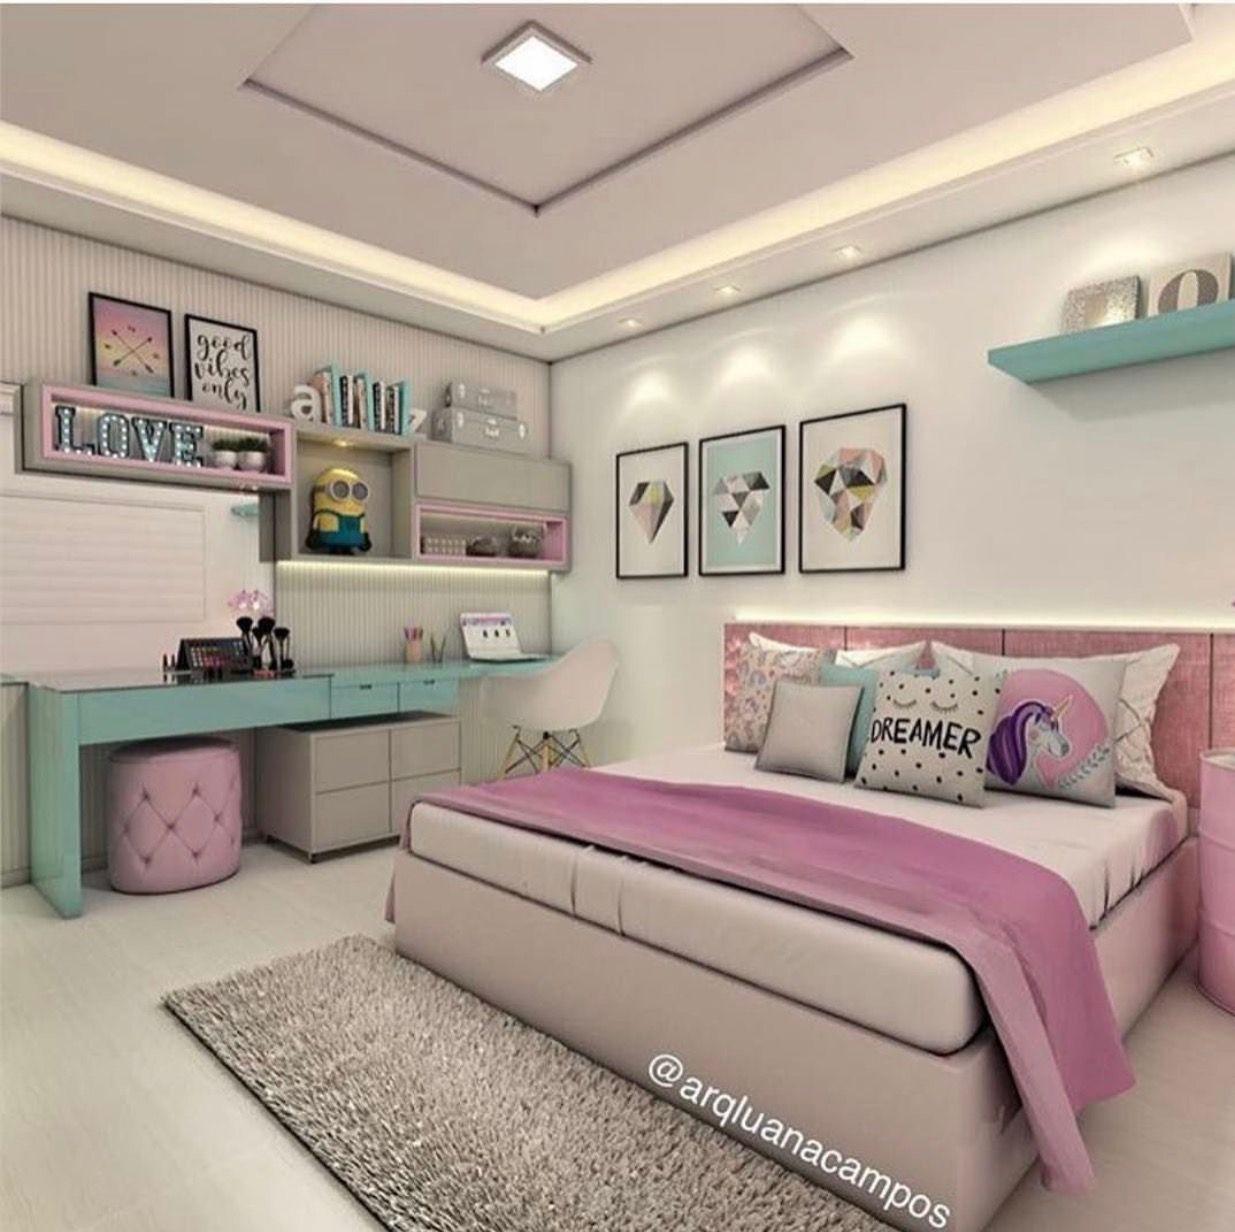 Perfeito pinterest dormitorio ideas para Diseno de habitaciones para adolescentes